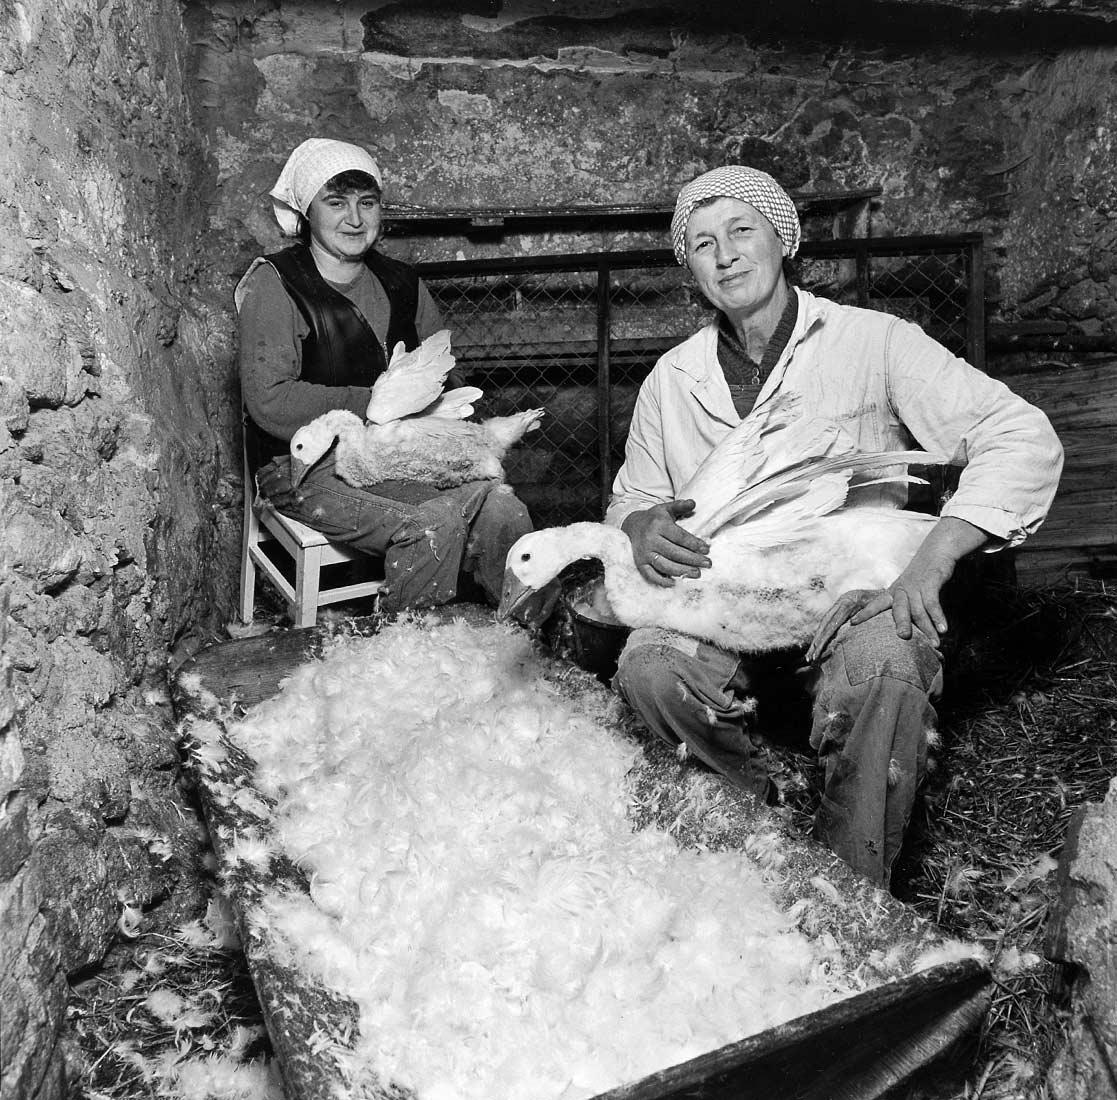 Bäuerin mit Schwiegertochter beim Gänserupfen - Stadl bei Brennberg 1987